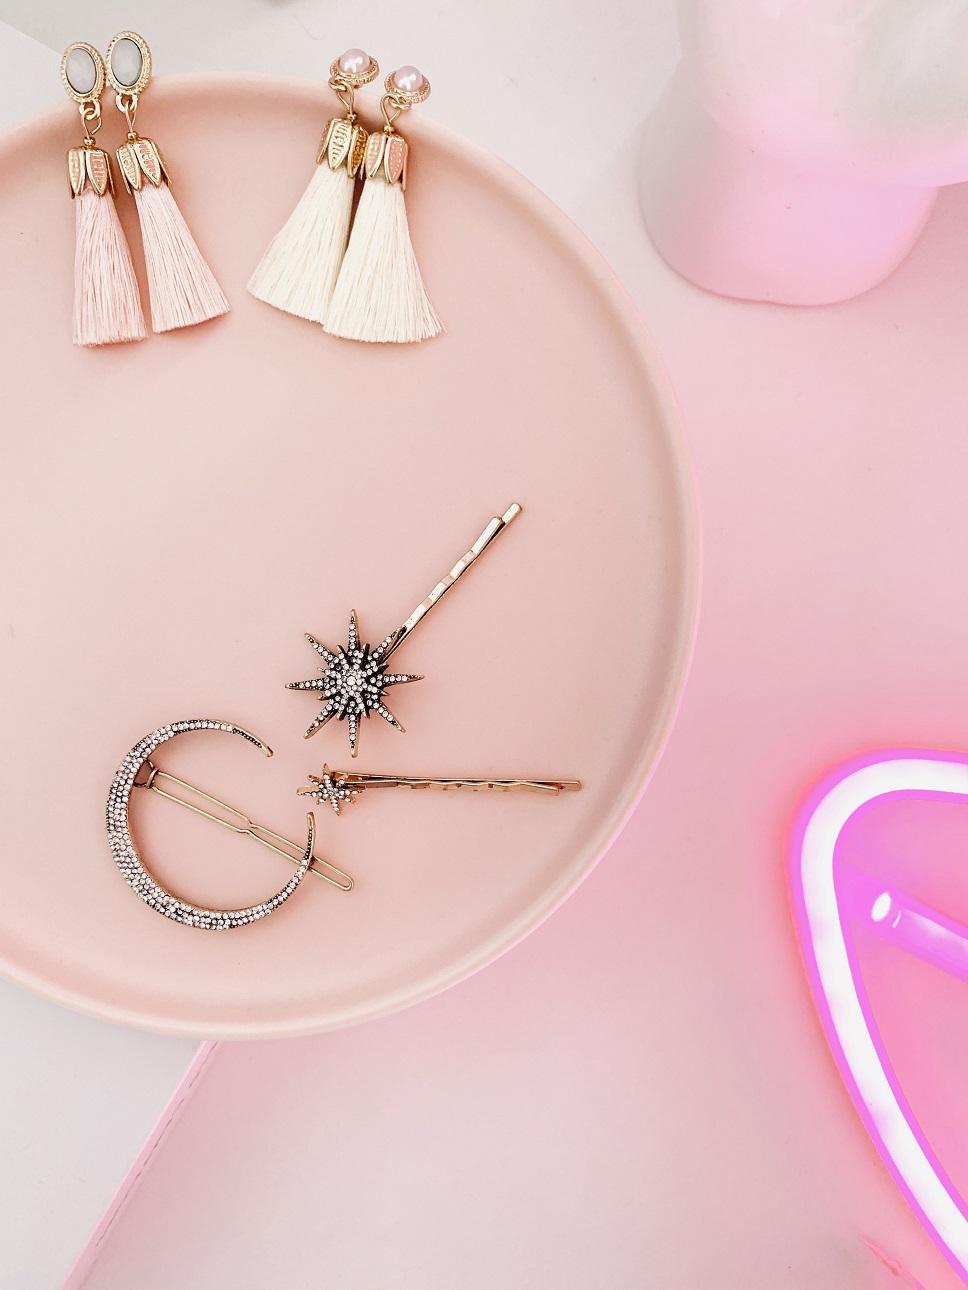 Celestial bridal hair accessories